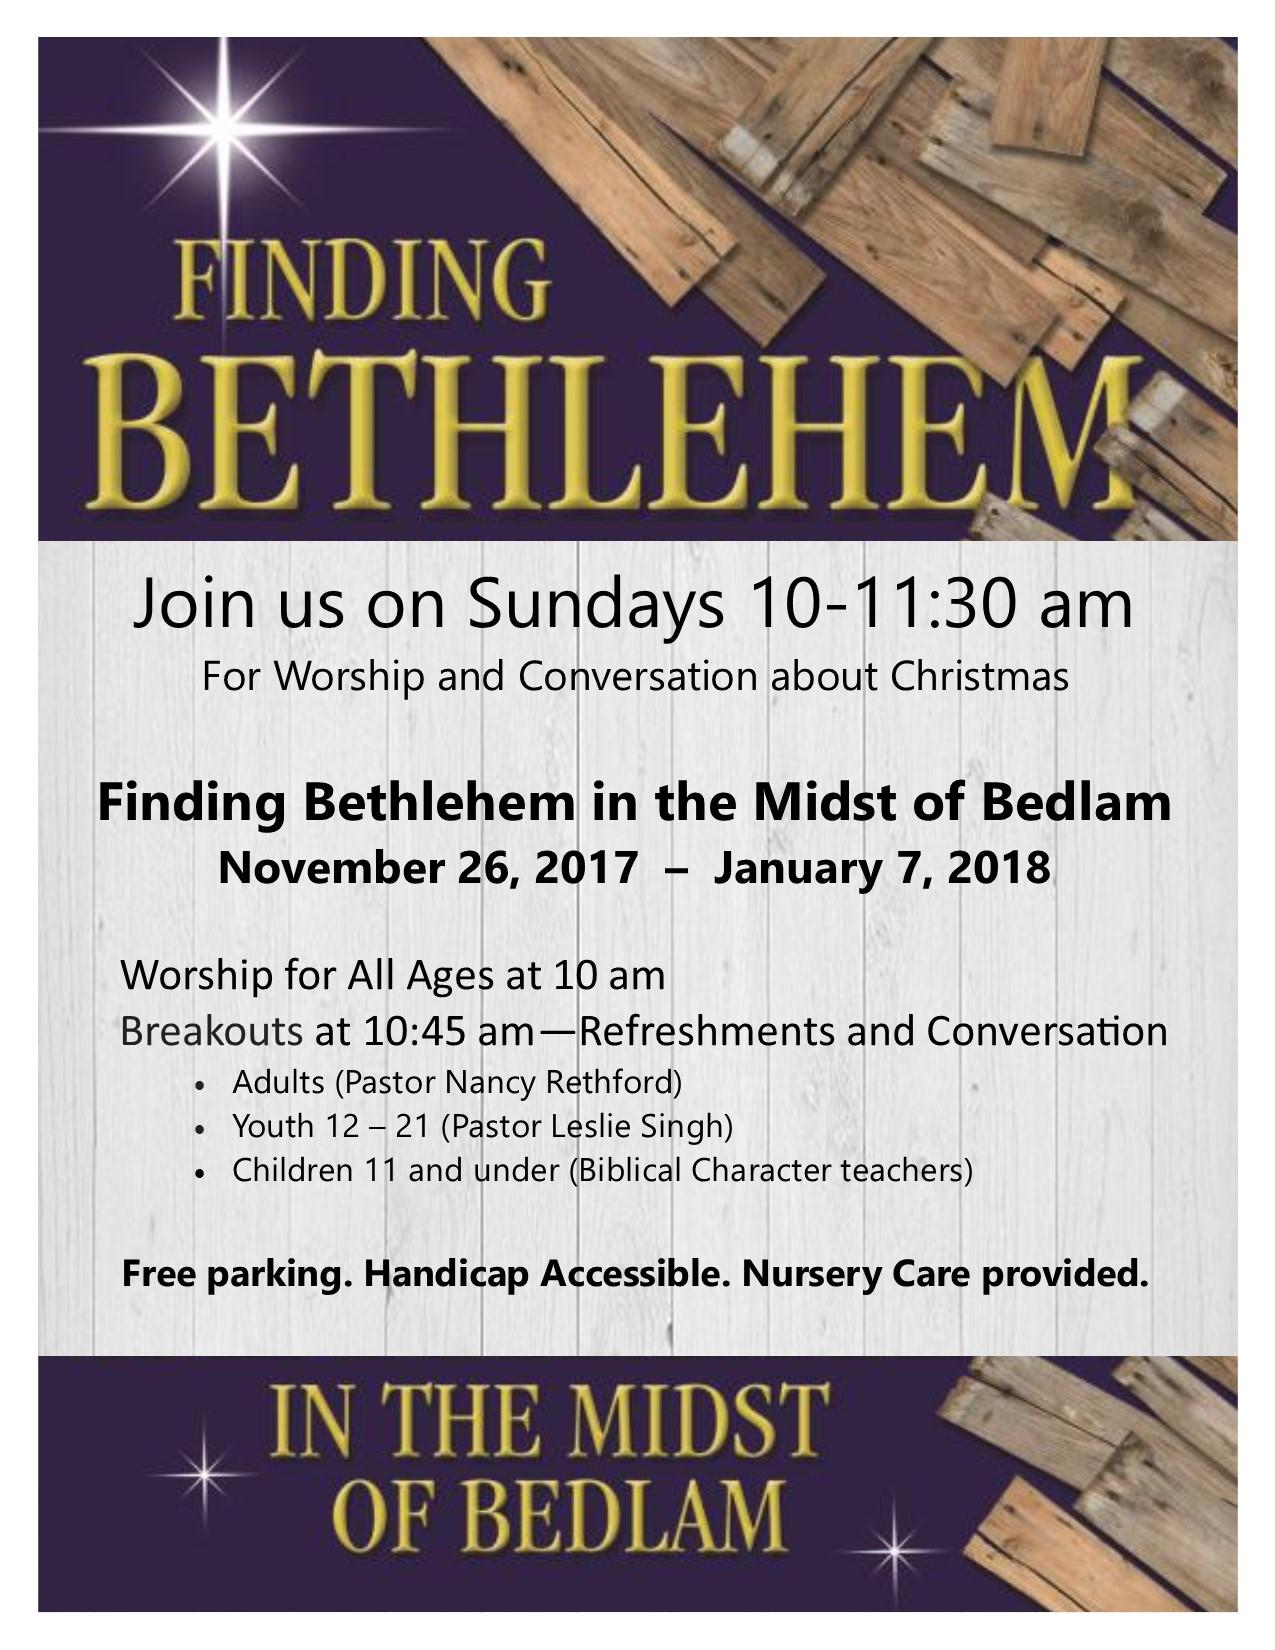 2017 Finding Bethlehem in the Midst of Bedlam community flyer.jpg